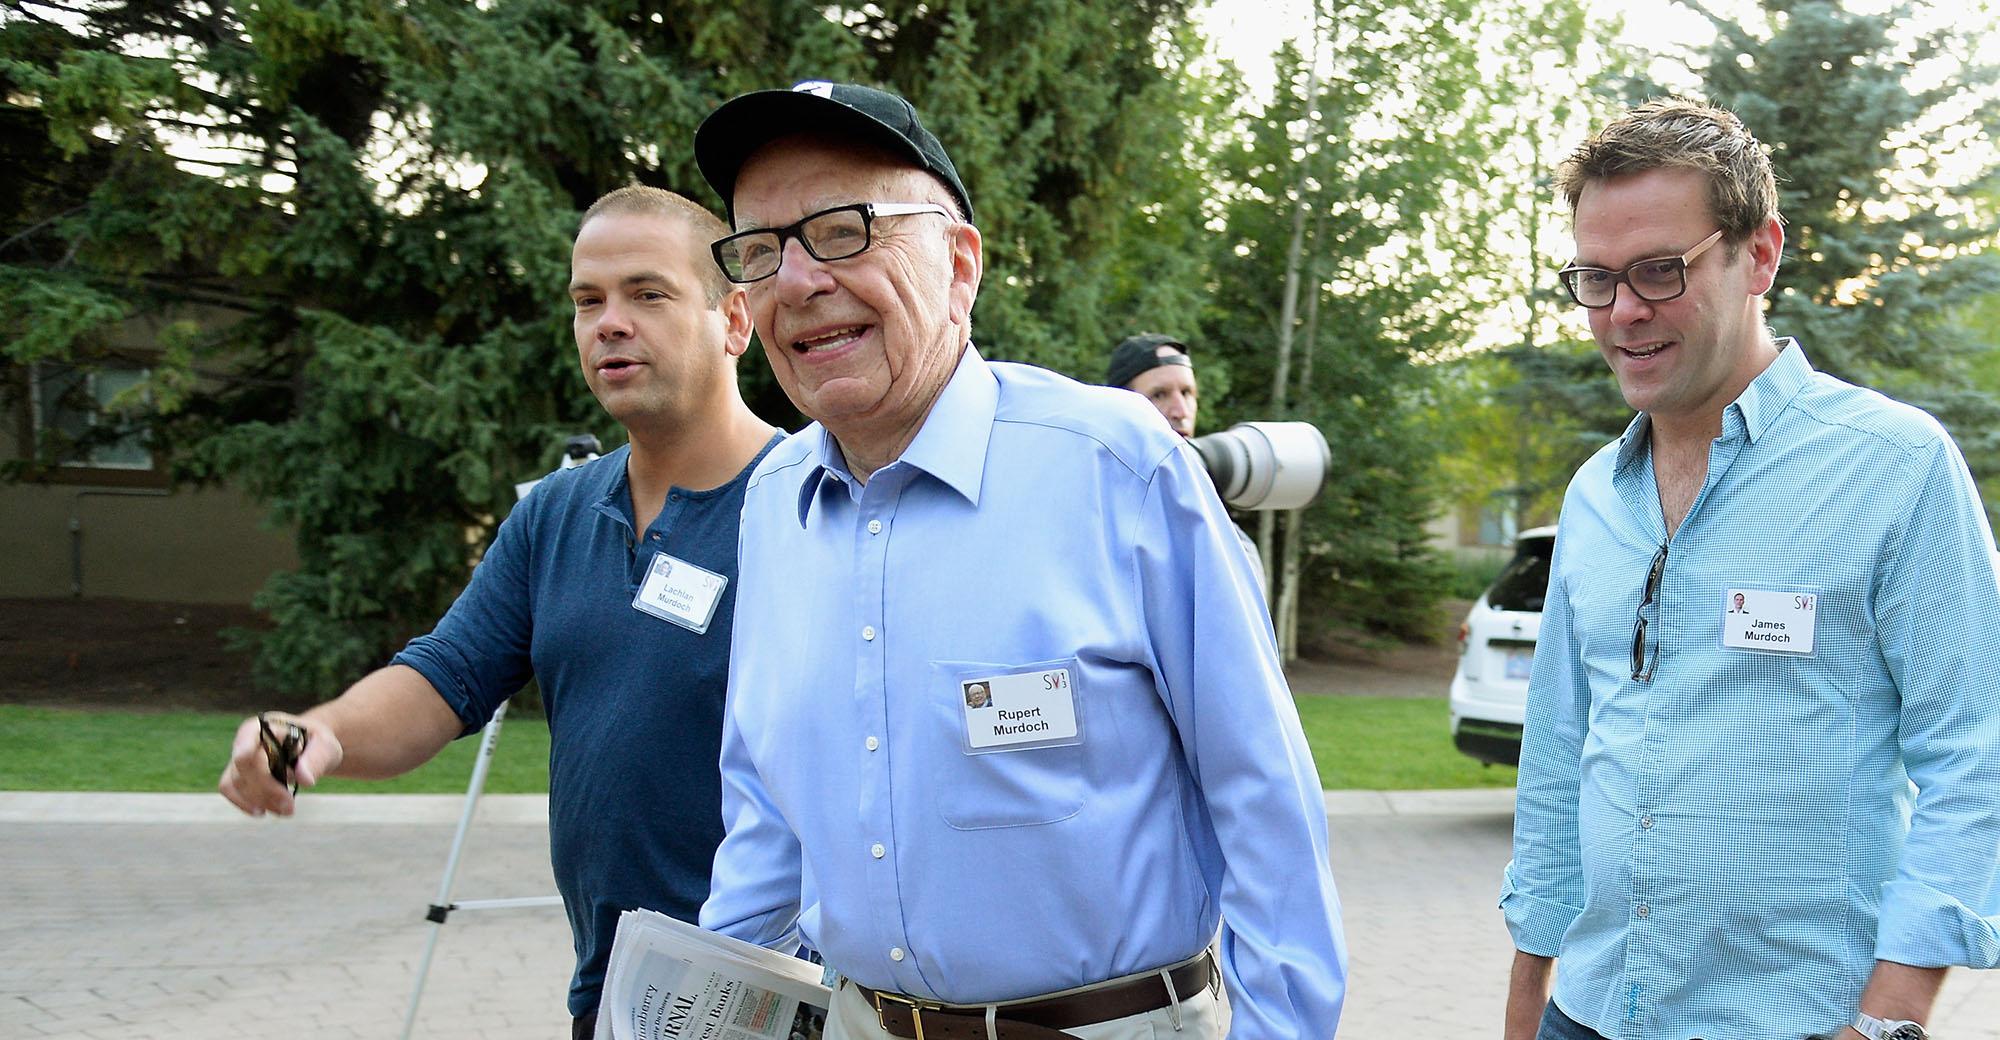 Rupert Murdoch and sons